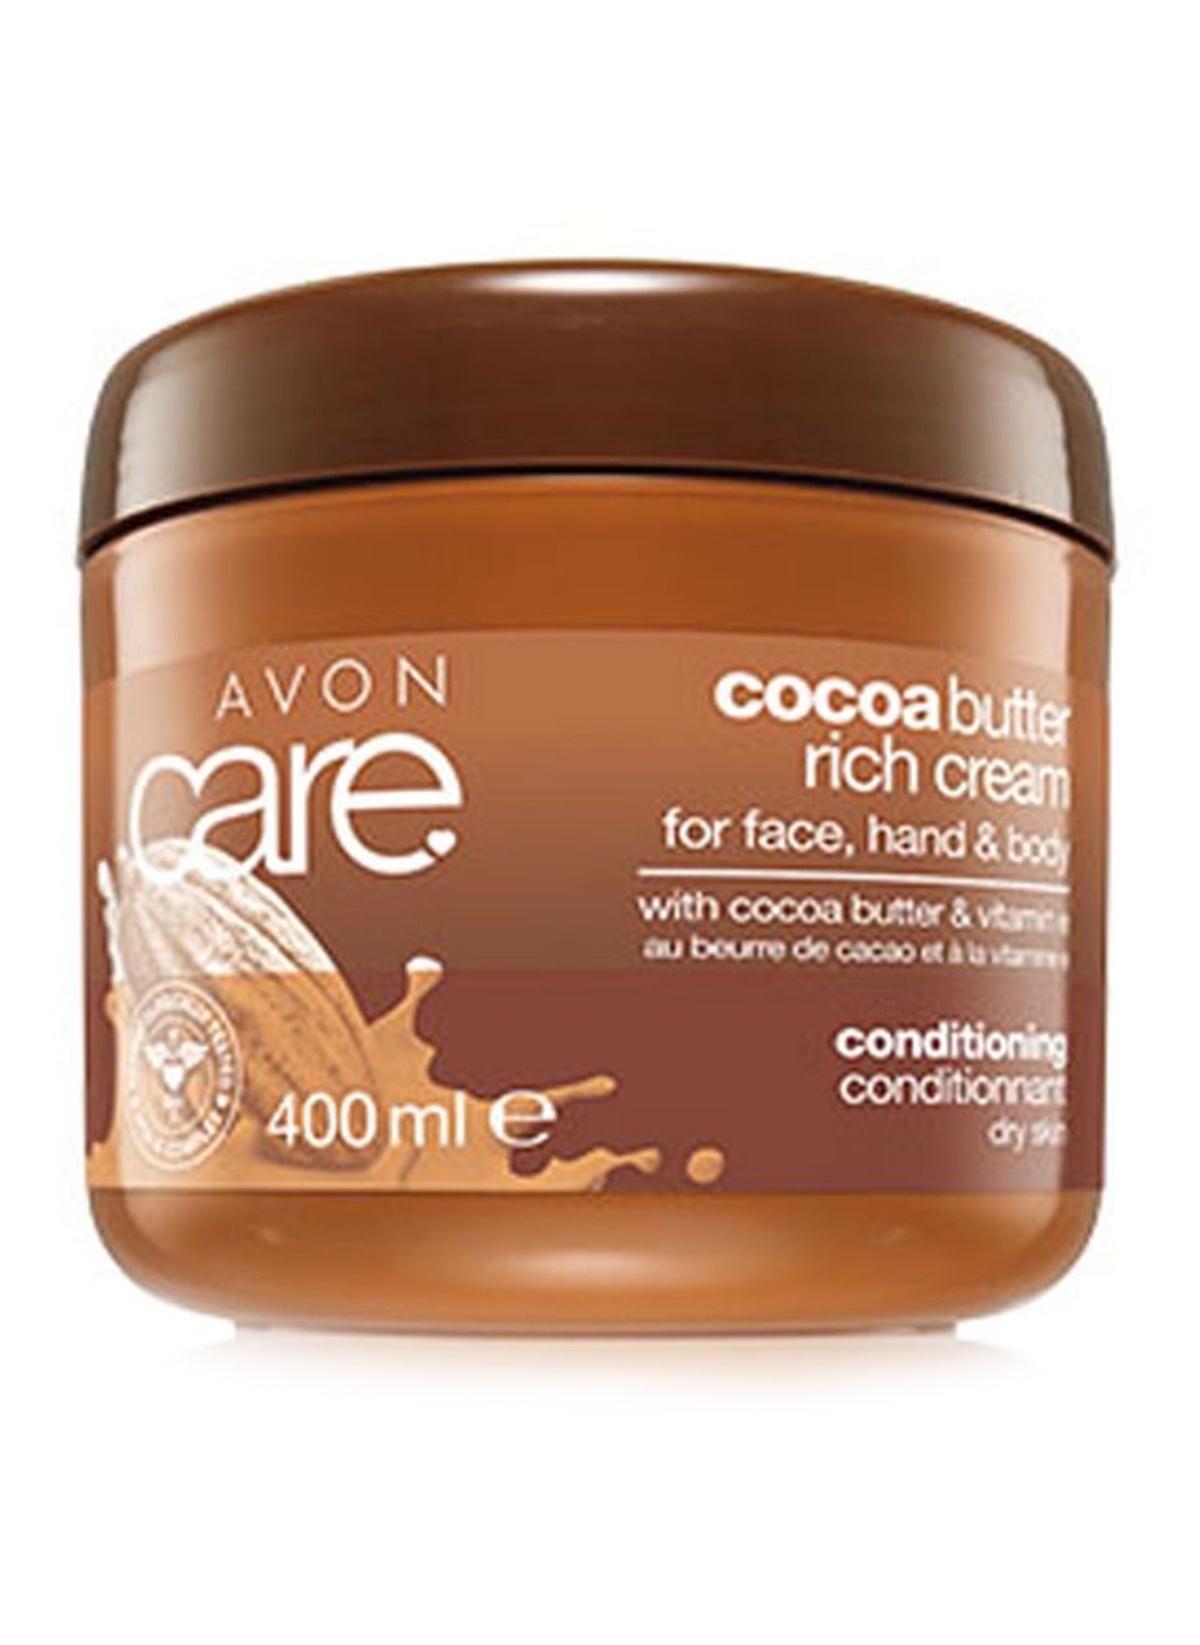 Kakao yağı: uygulama ve faydalı özellikler